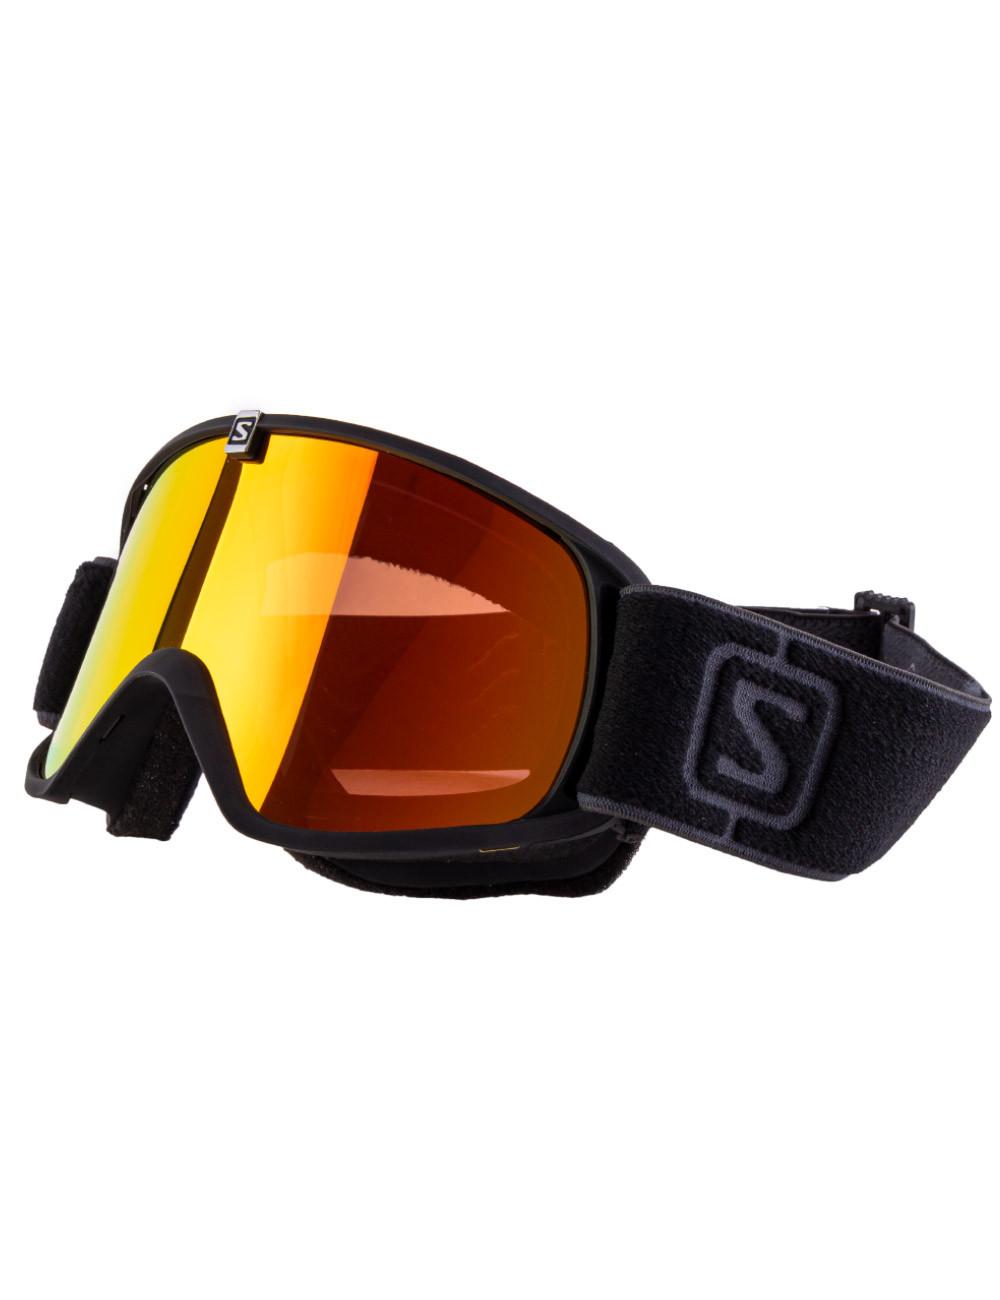 Gogle narciarskie Salomon Trigger